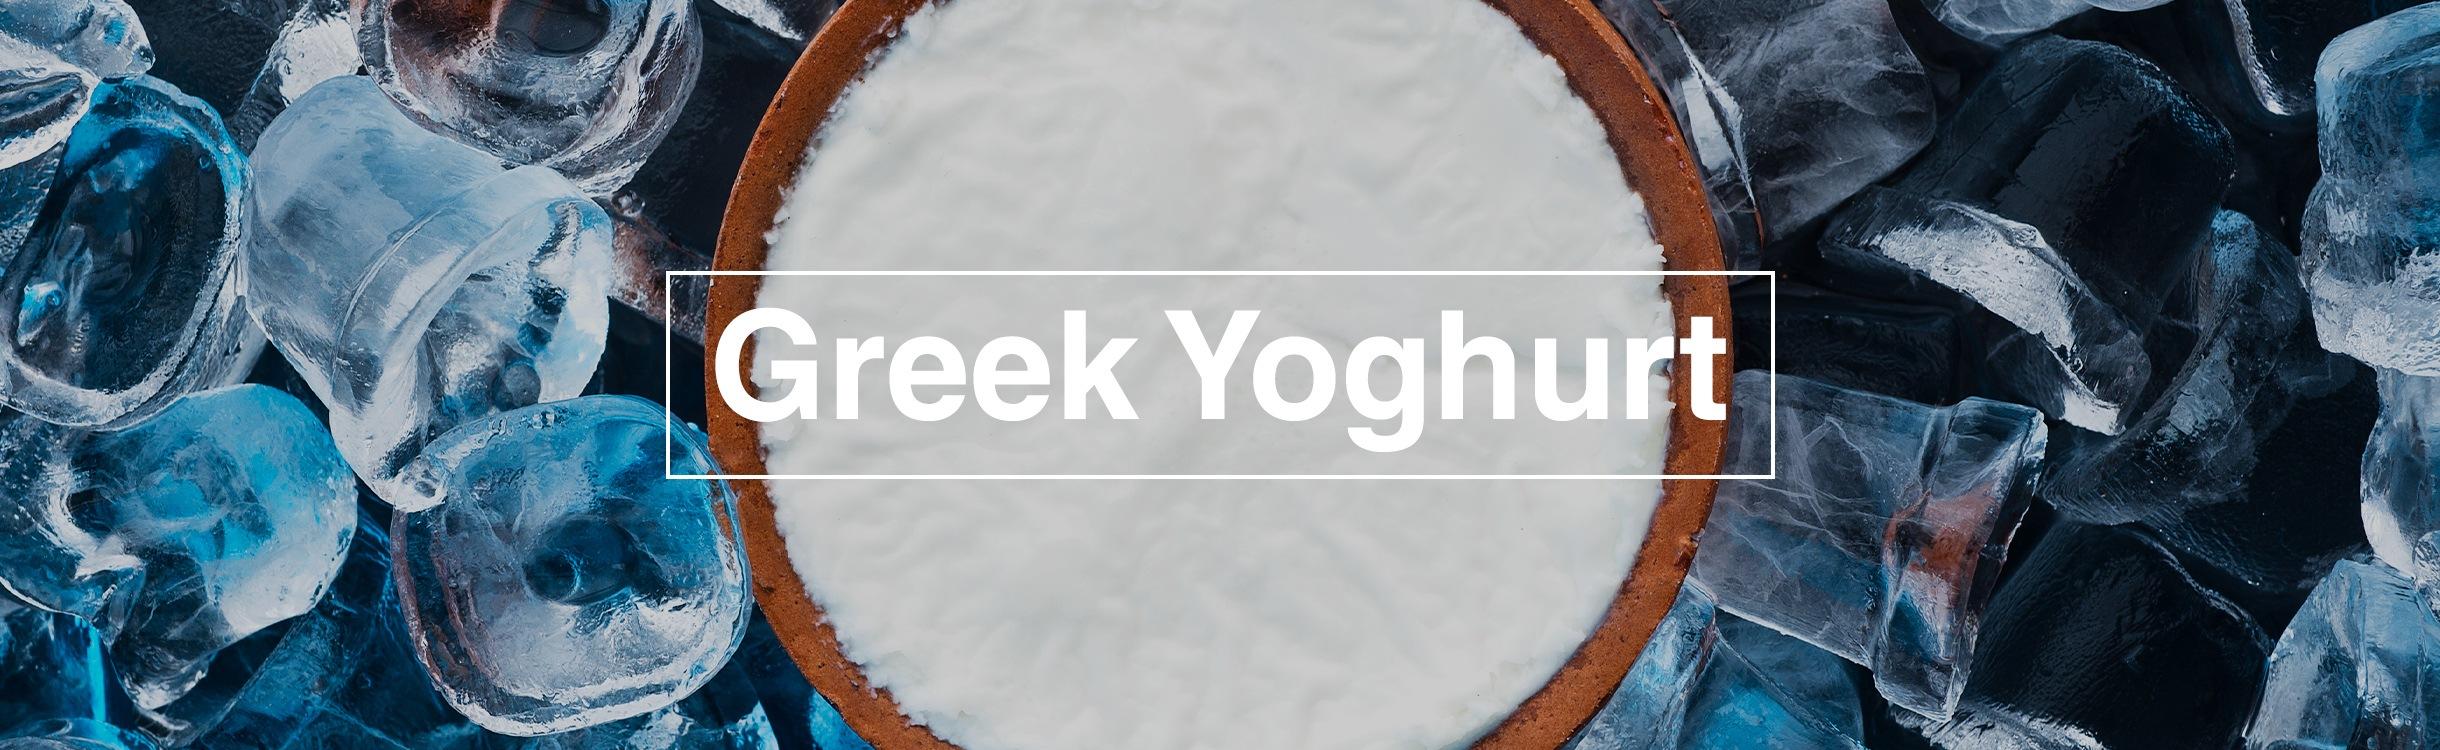 Greek Yoghurt